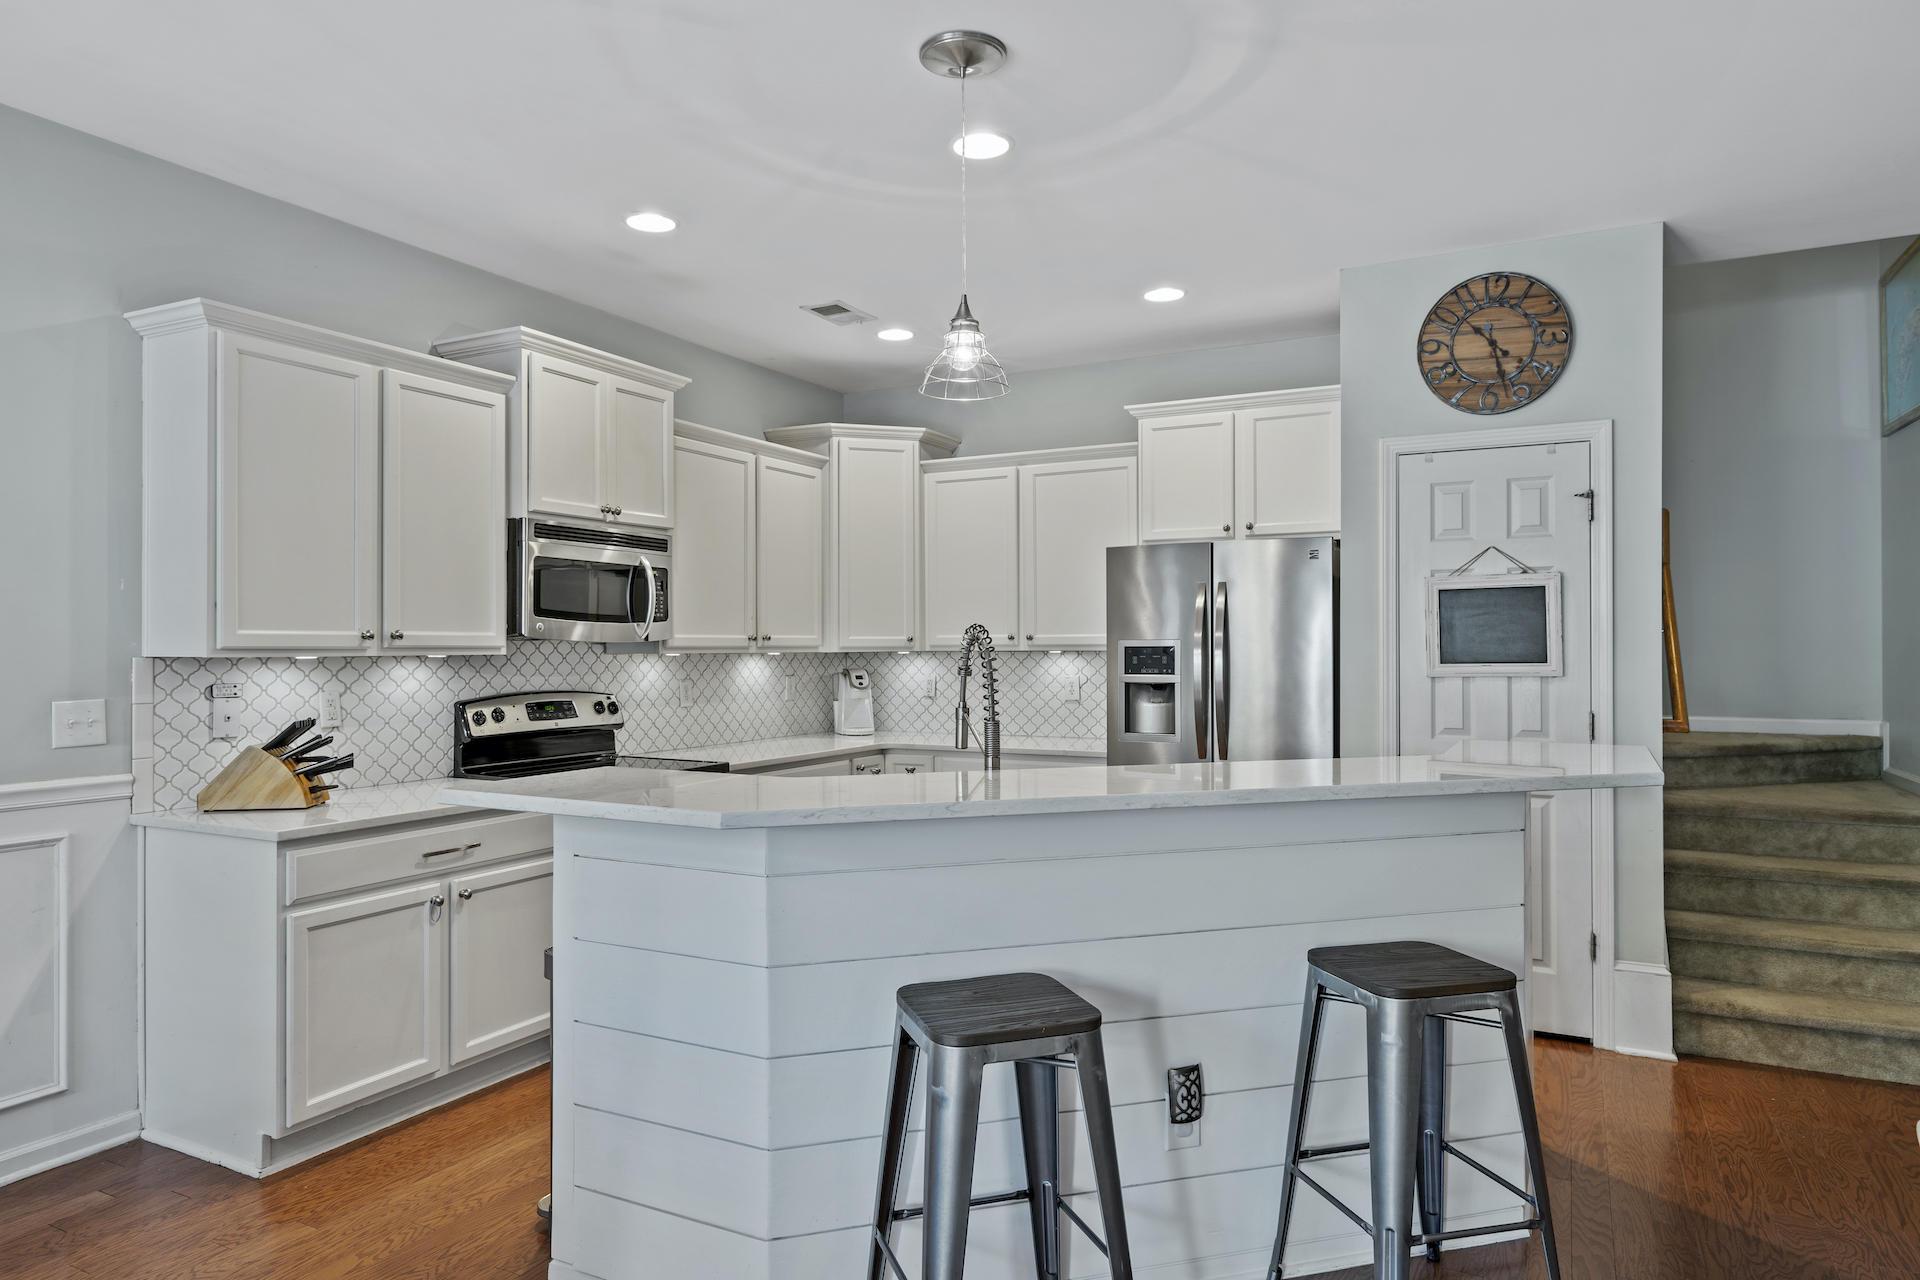 Park West Homes For Sale - 3061 Park West, Mount Pleasant, SC - 12